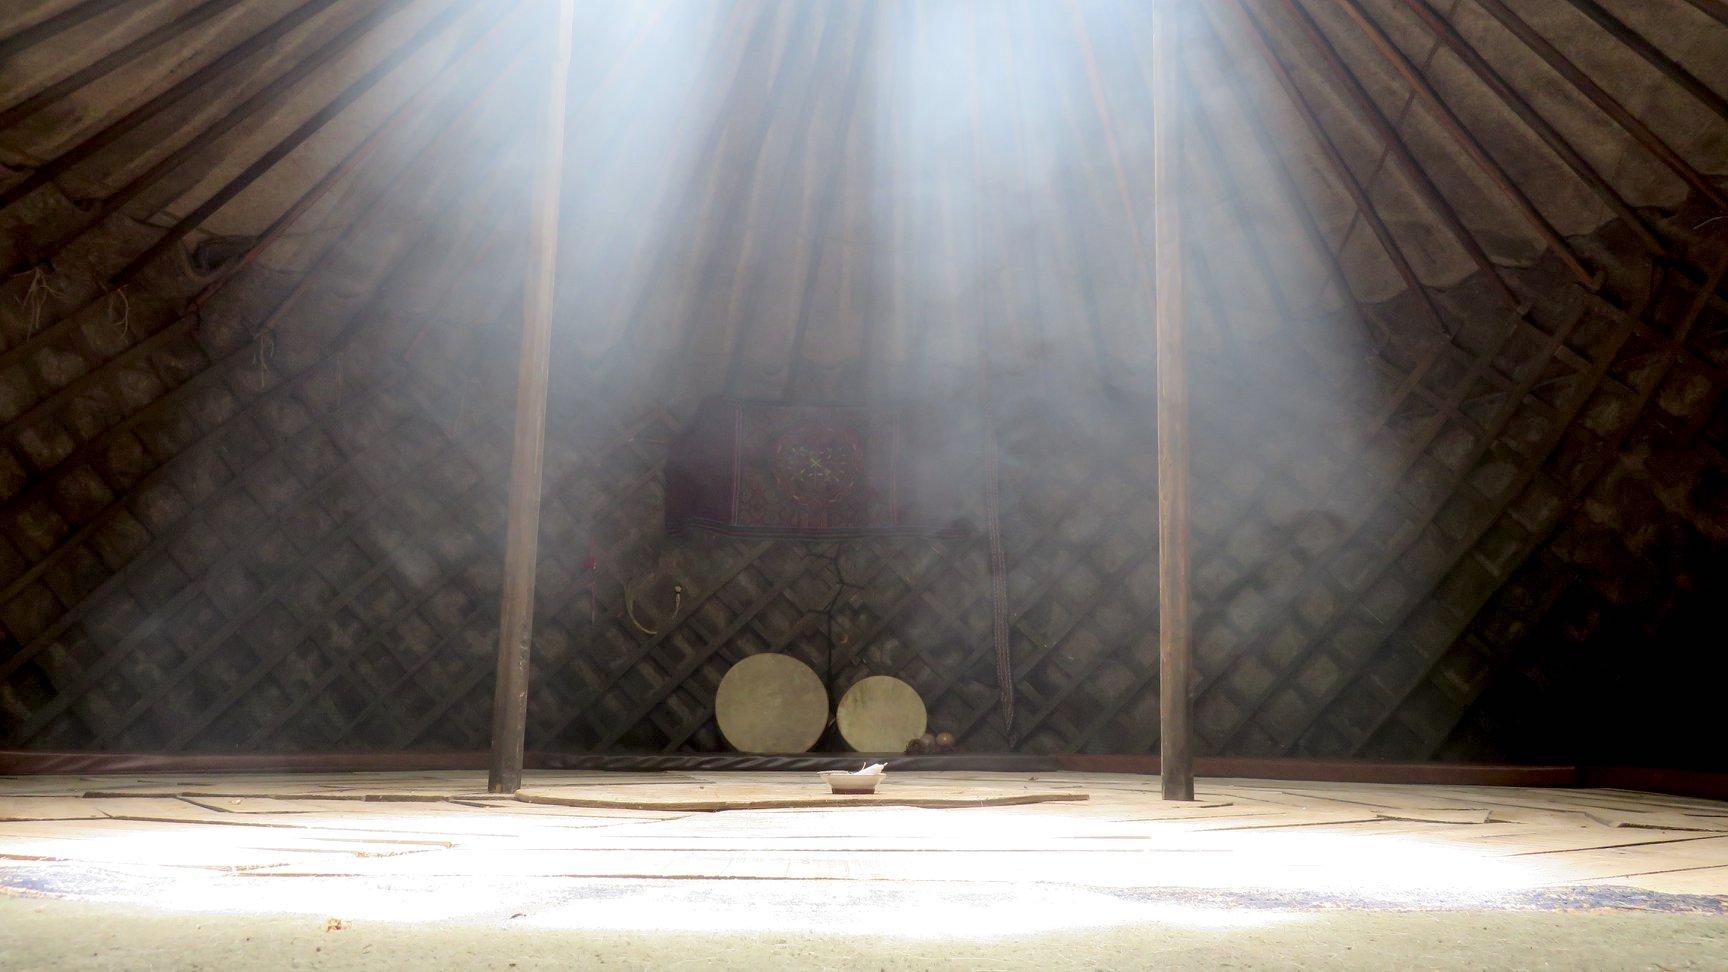 The light inside